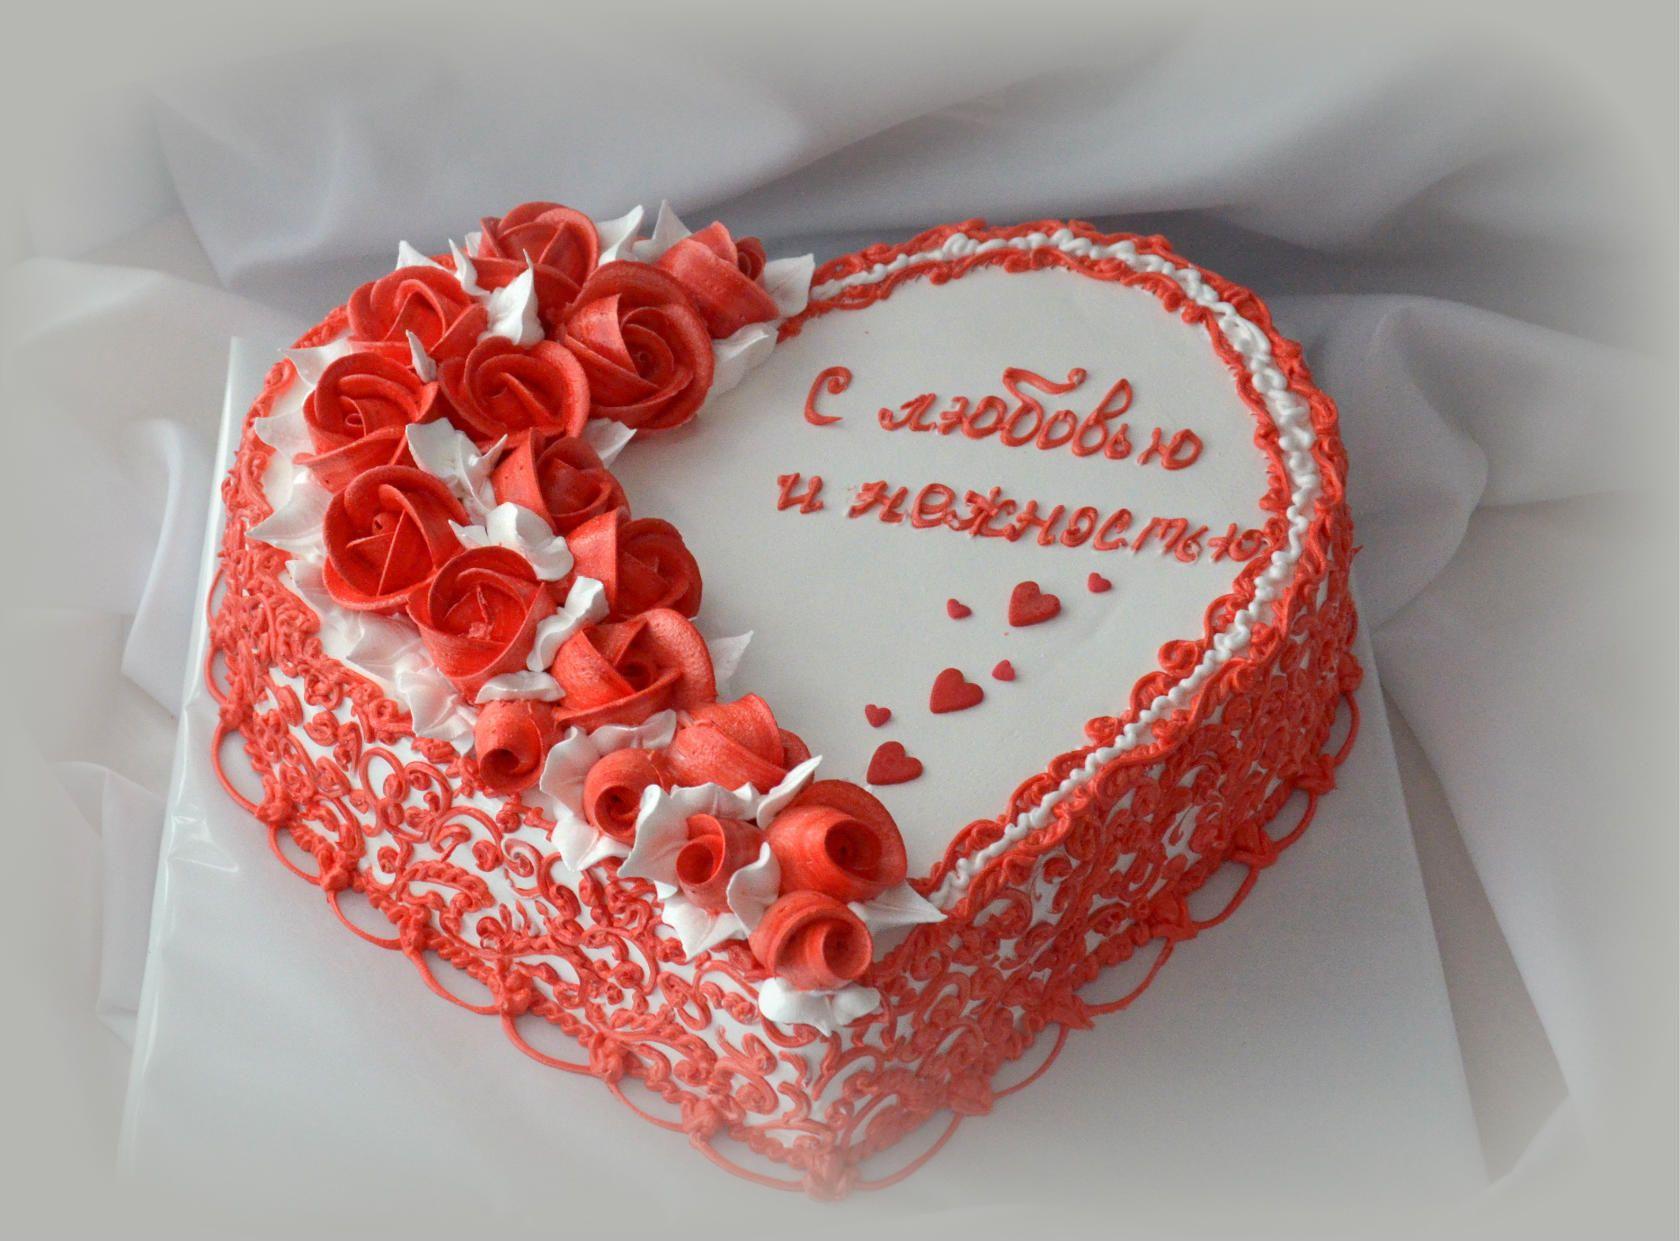 полюбили картинки торт сердечком на именины оформление вернулся хозяин, затем